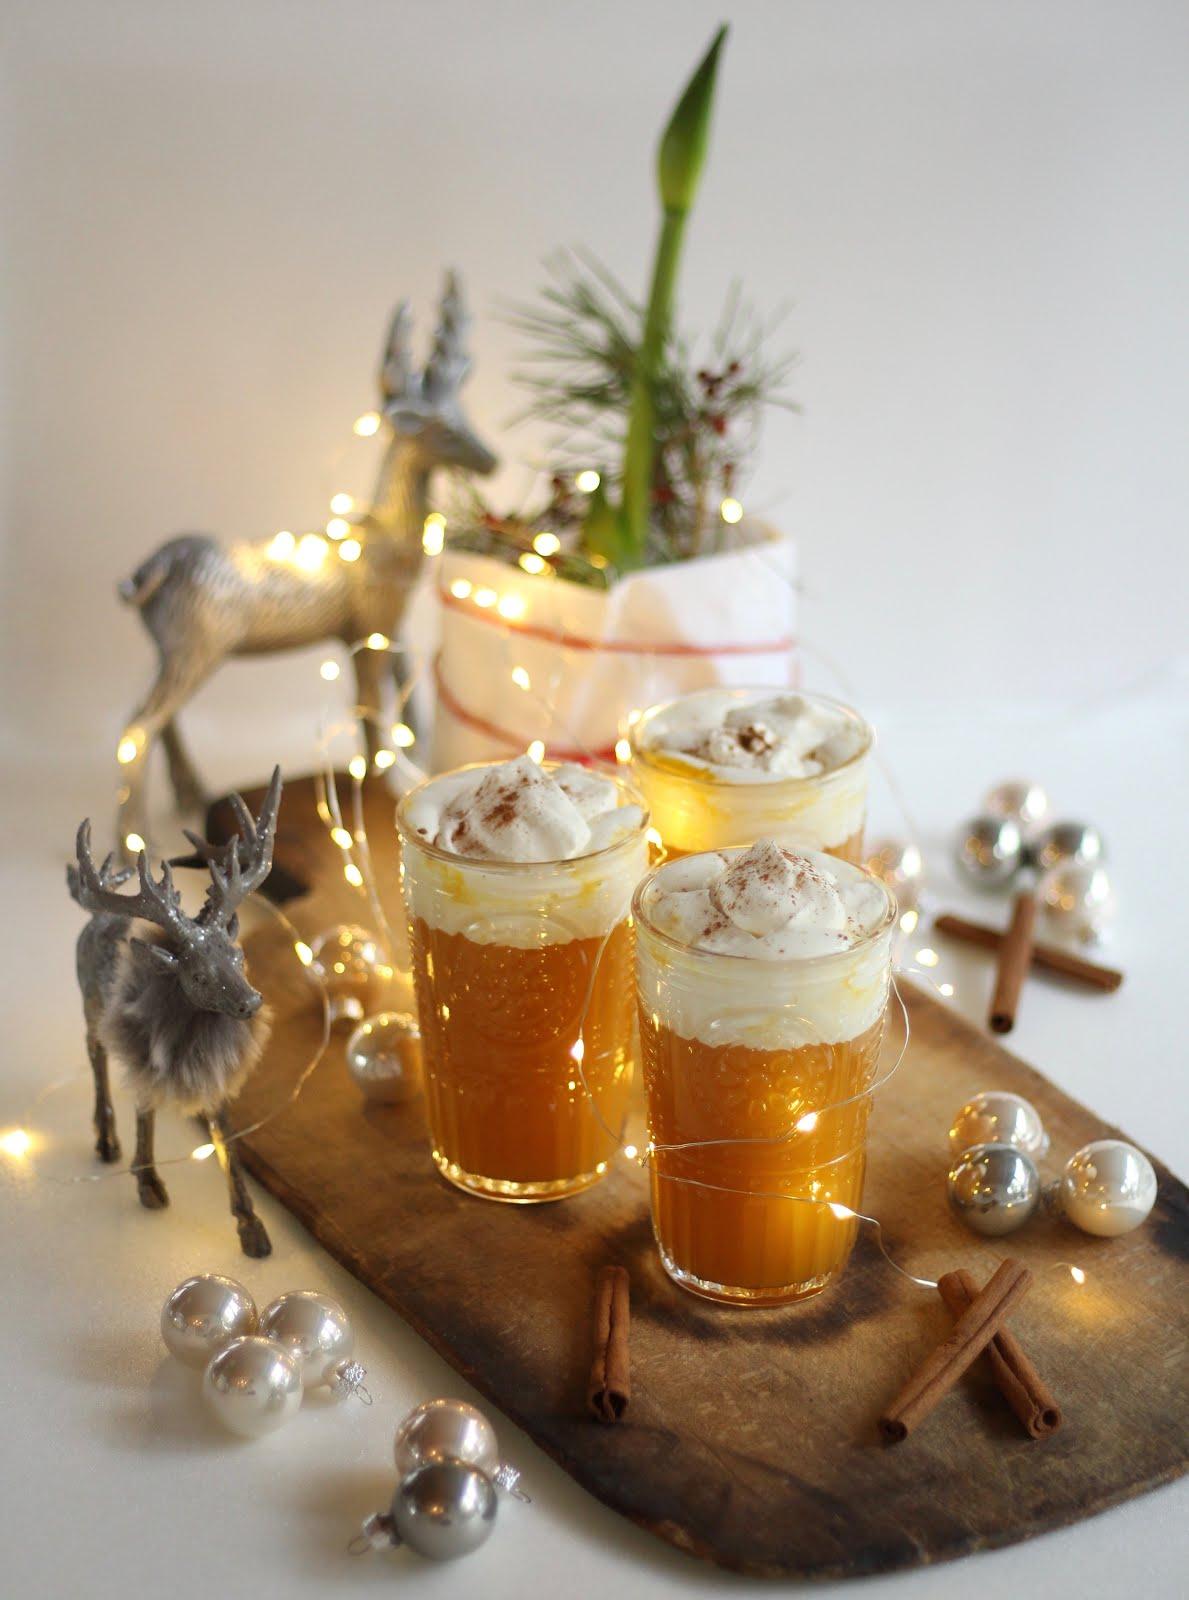 Schneller Orangenpunsch mit Zimtsahne | Rezept von Sugarprincess